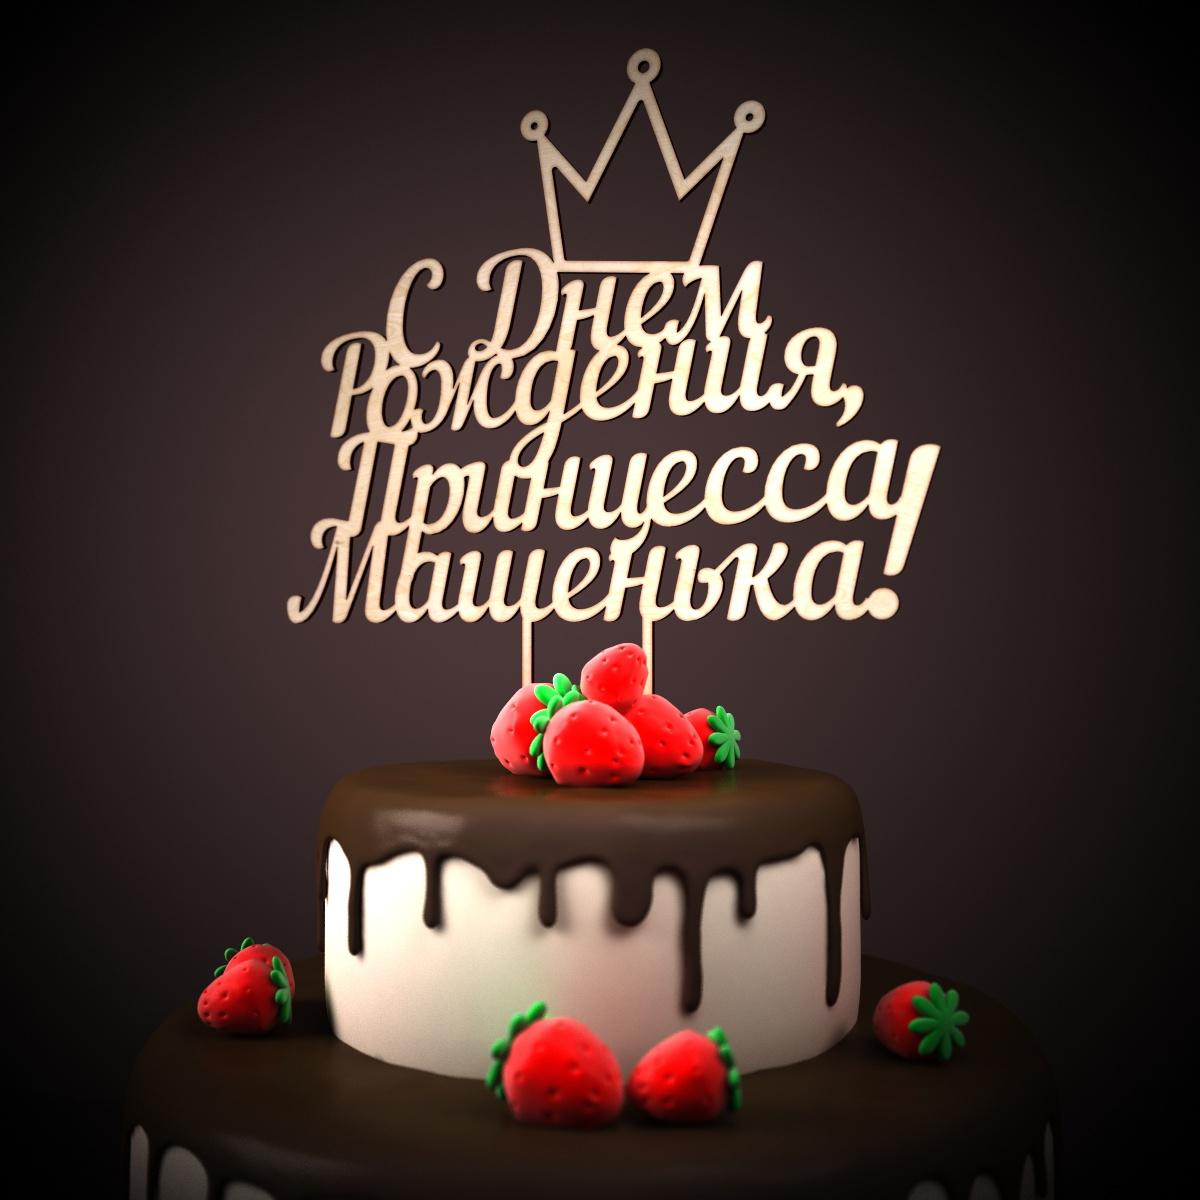 большой с днем рождения маруська картинки красивые когда тебя будет